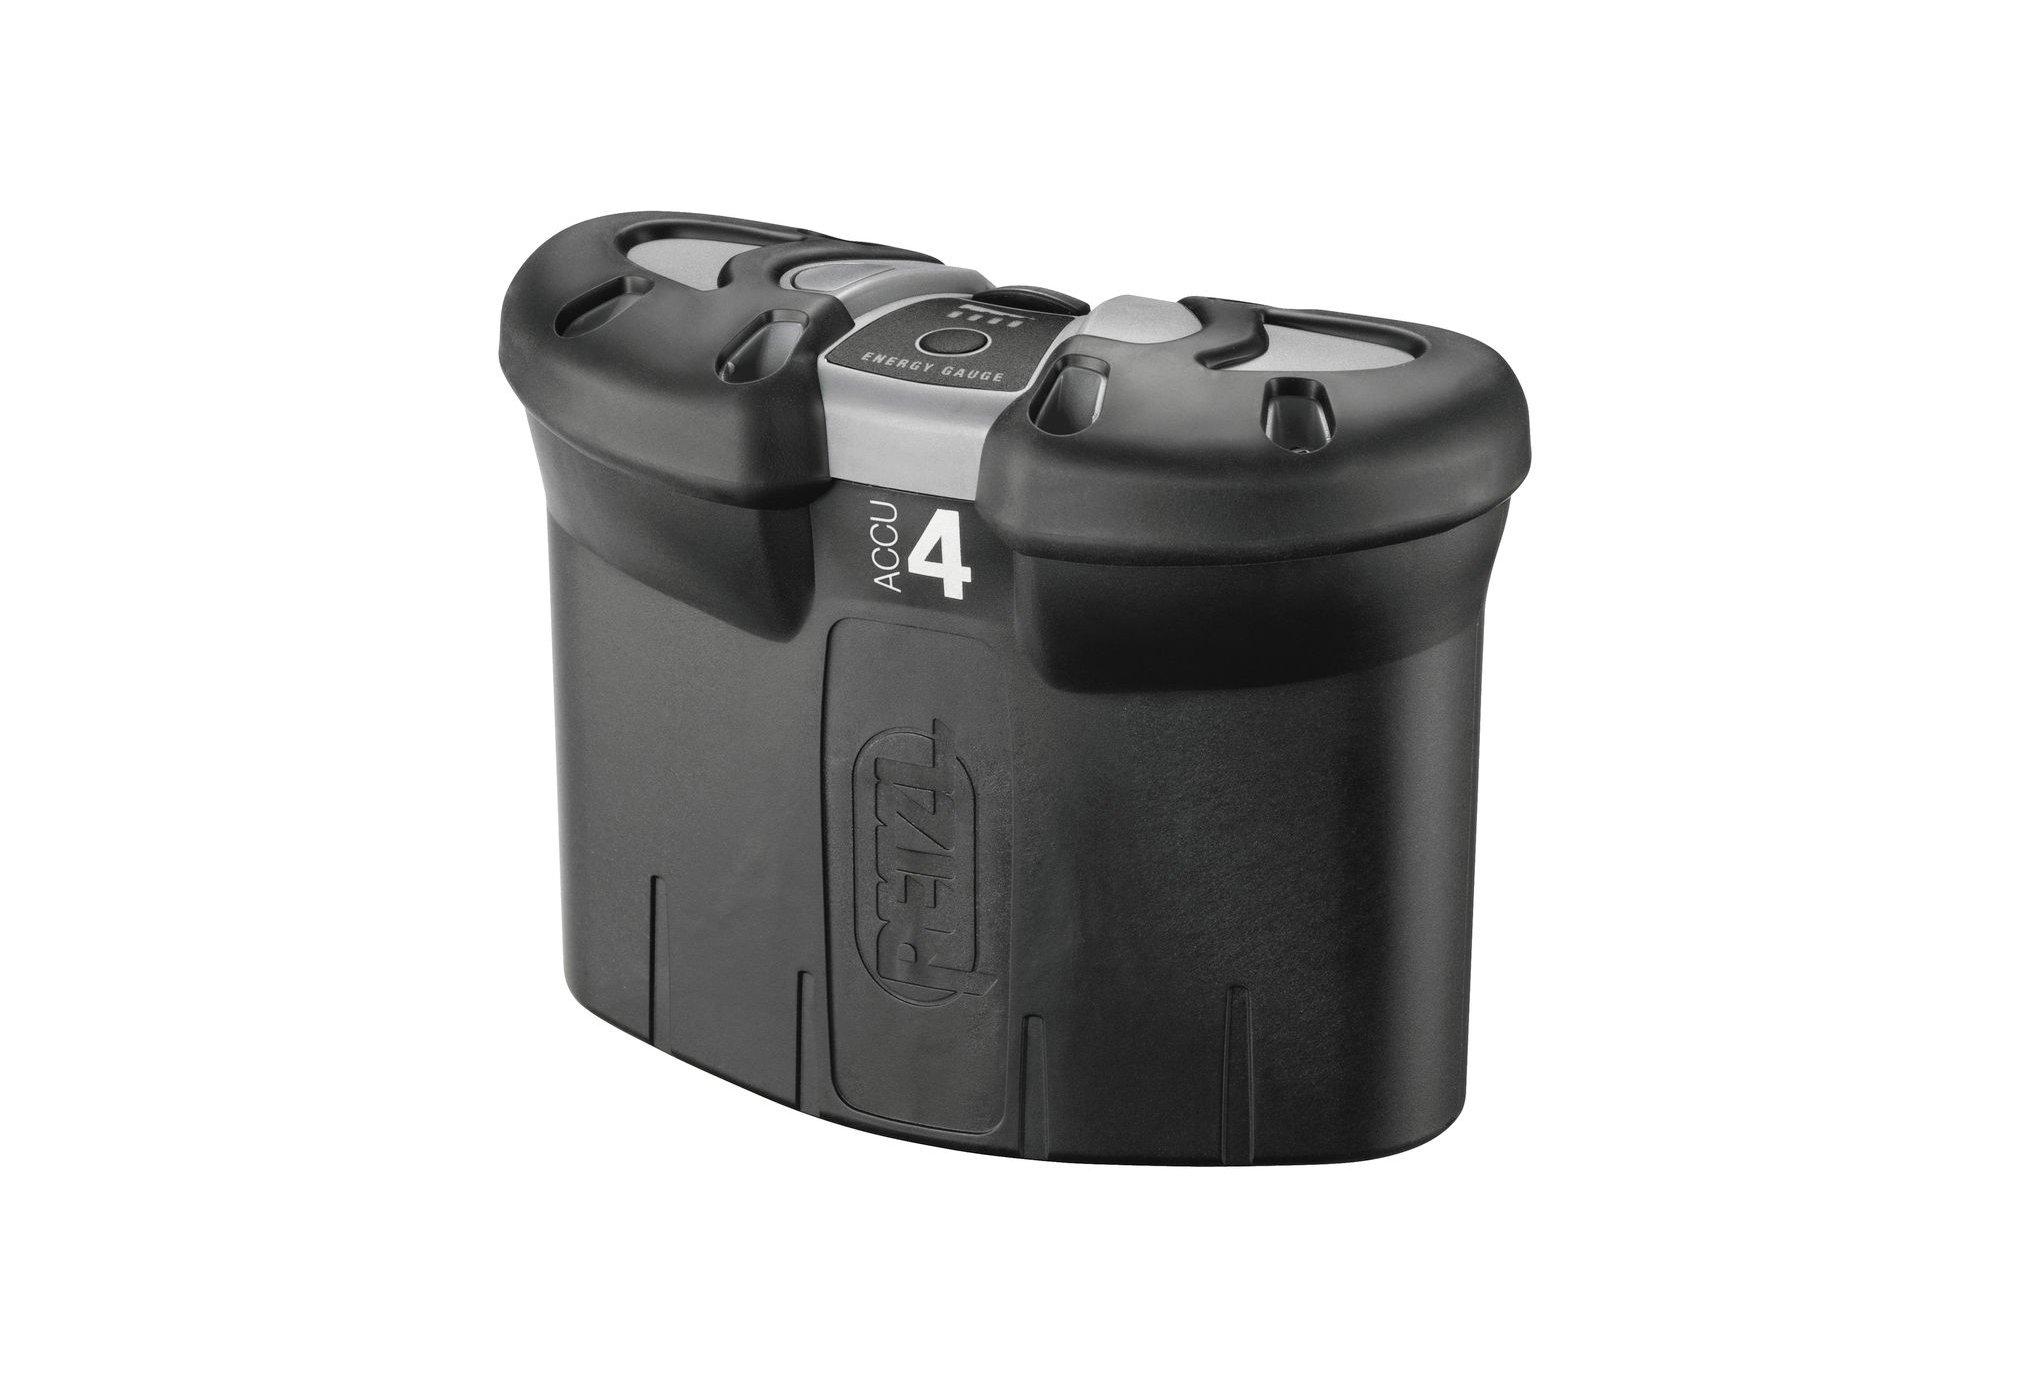 Petzl Batterie rechargeable Accu 4 Ultra Lampe frontale / éclairage